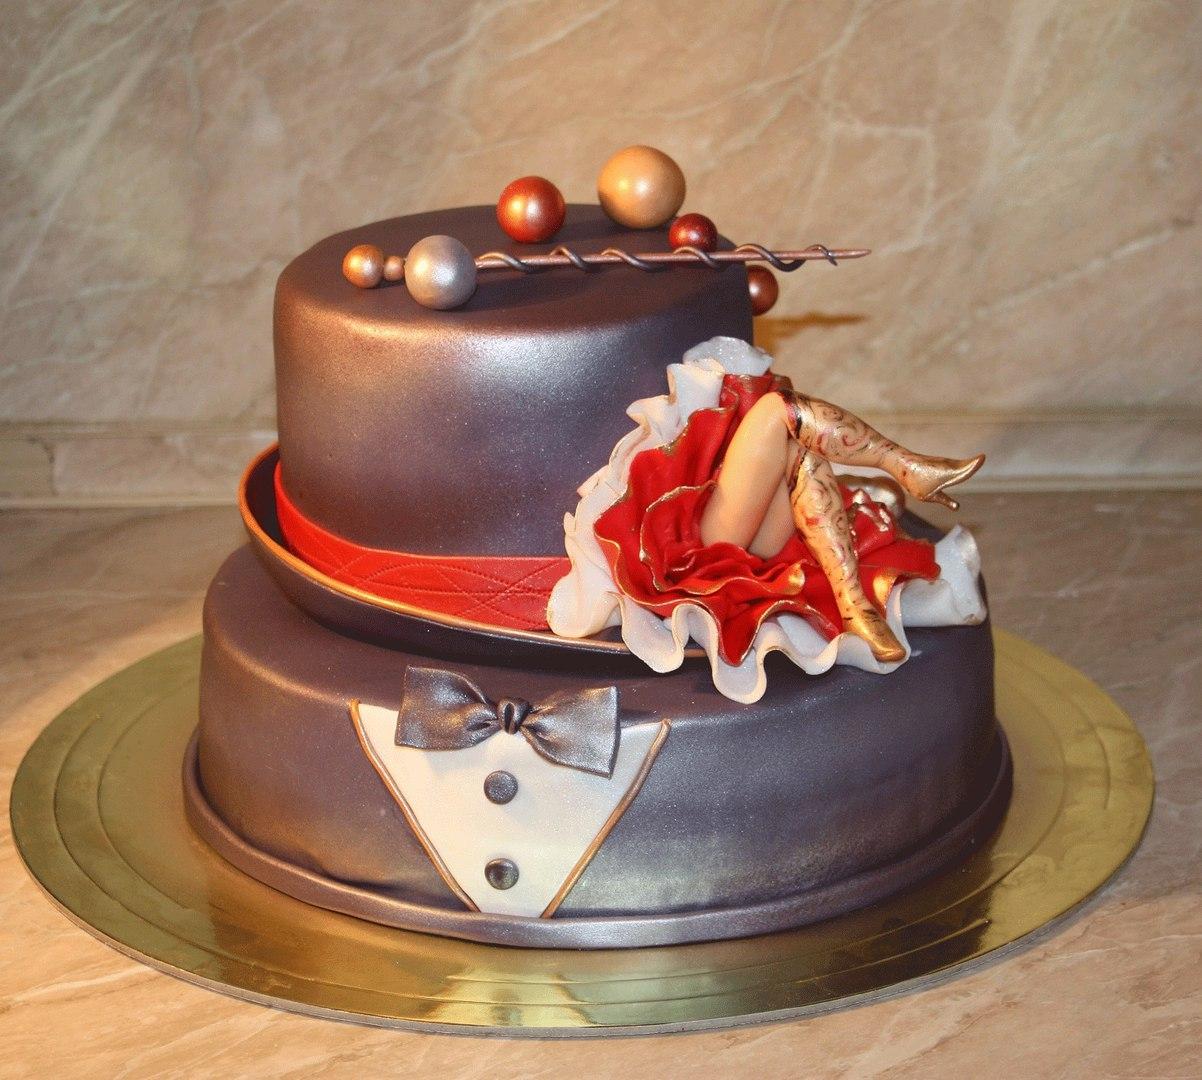 наряду серафимами прикольные тортики на день рождения фото все-таки